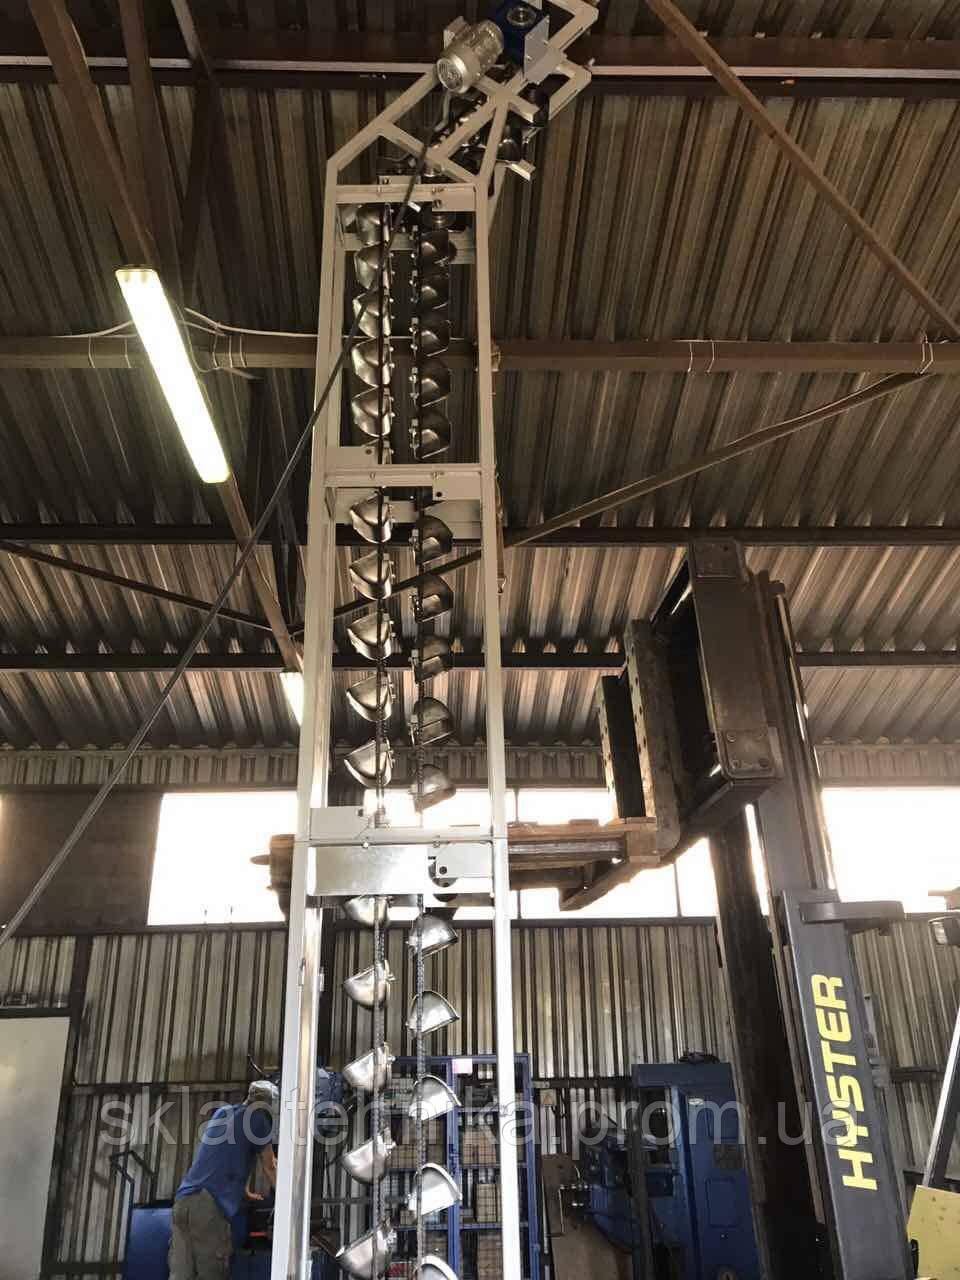 Транспортер цепные вертикальные опоры барабанов конвейеров